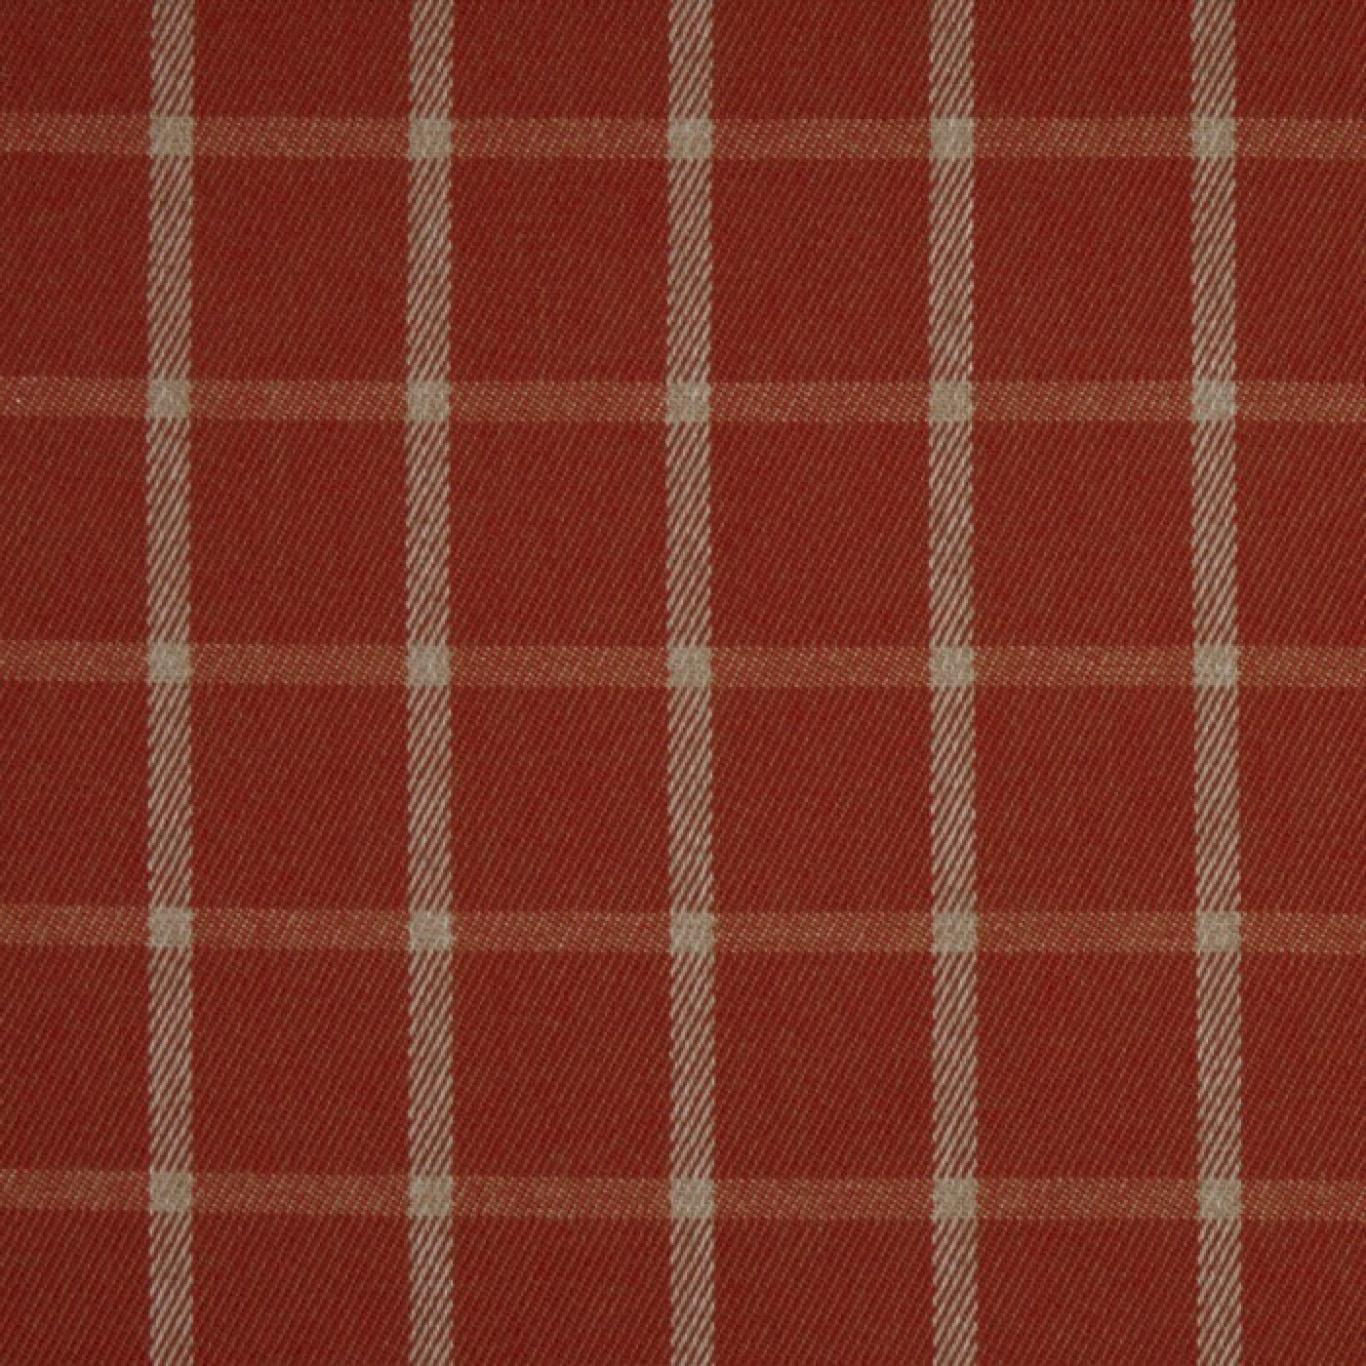 Image of Prestigious Halkirk Auburn Fabric